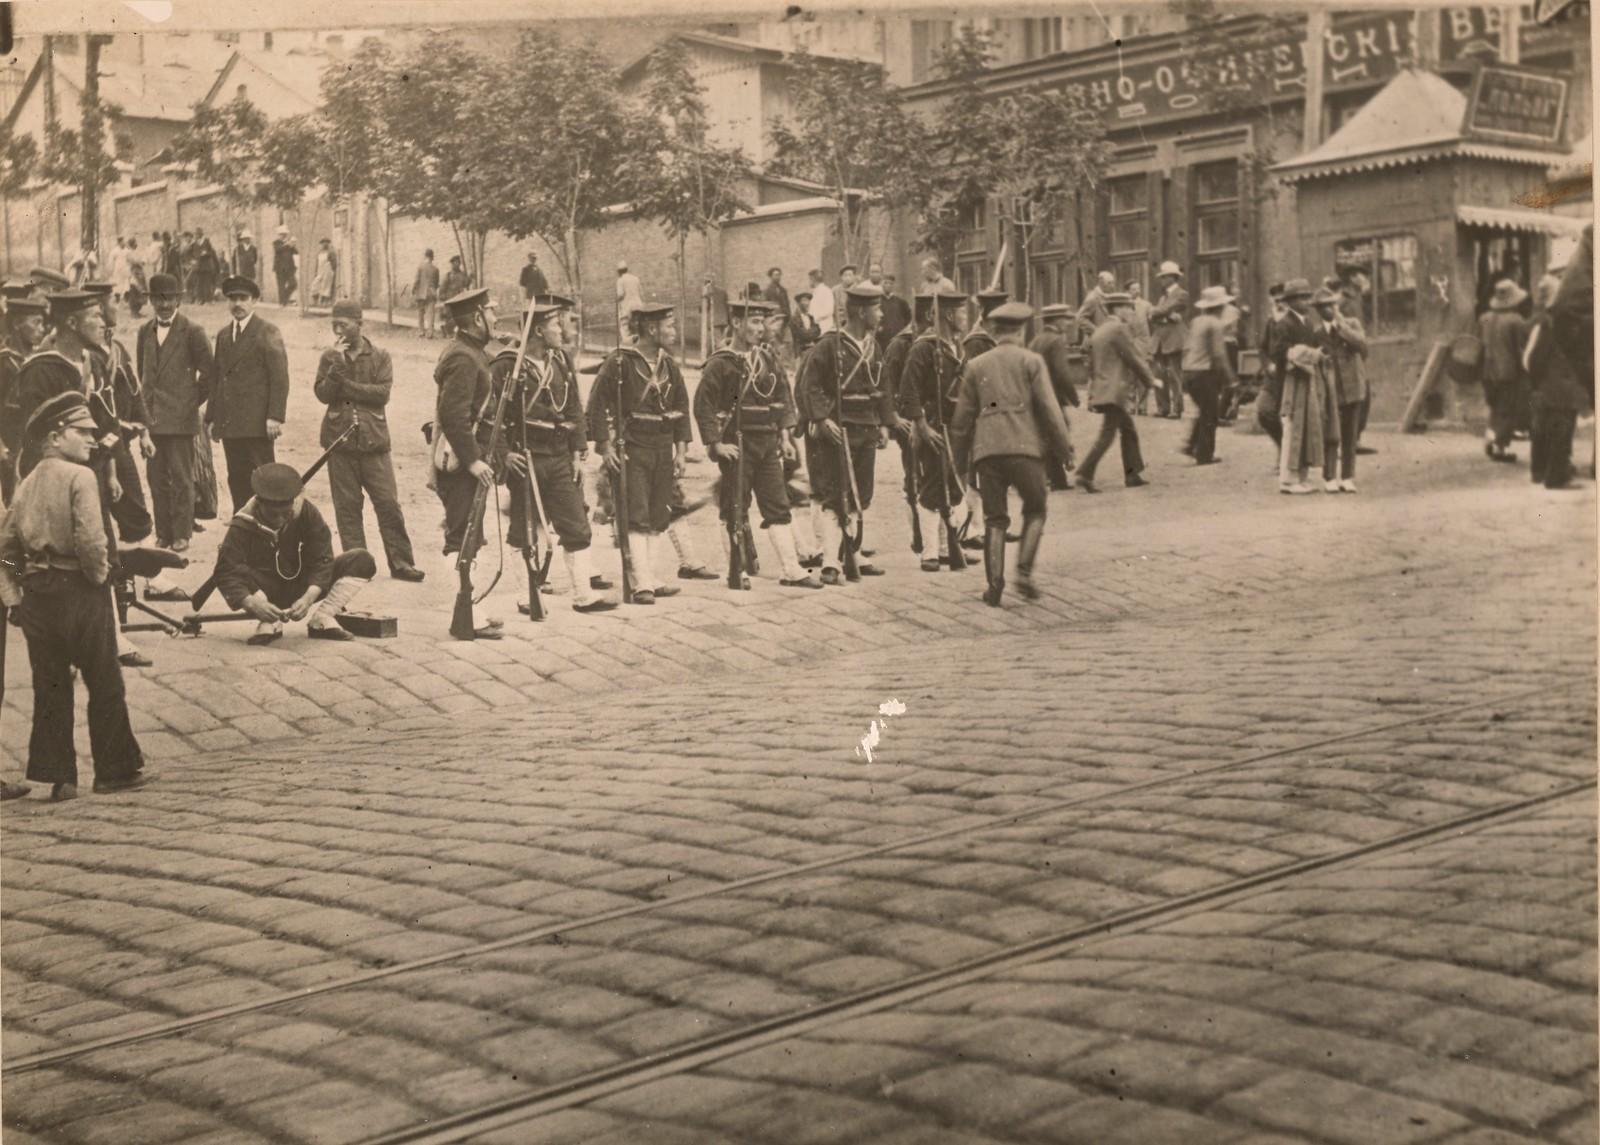 1918. Отряд японских моряков на улицах города. 16 сентября